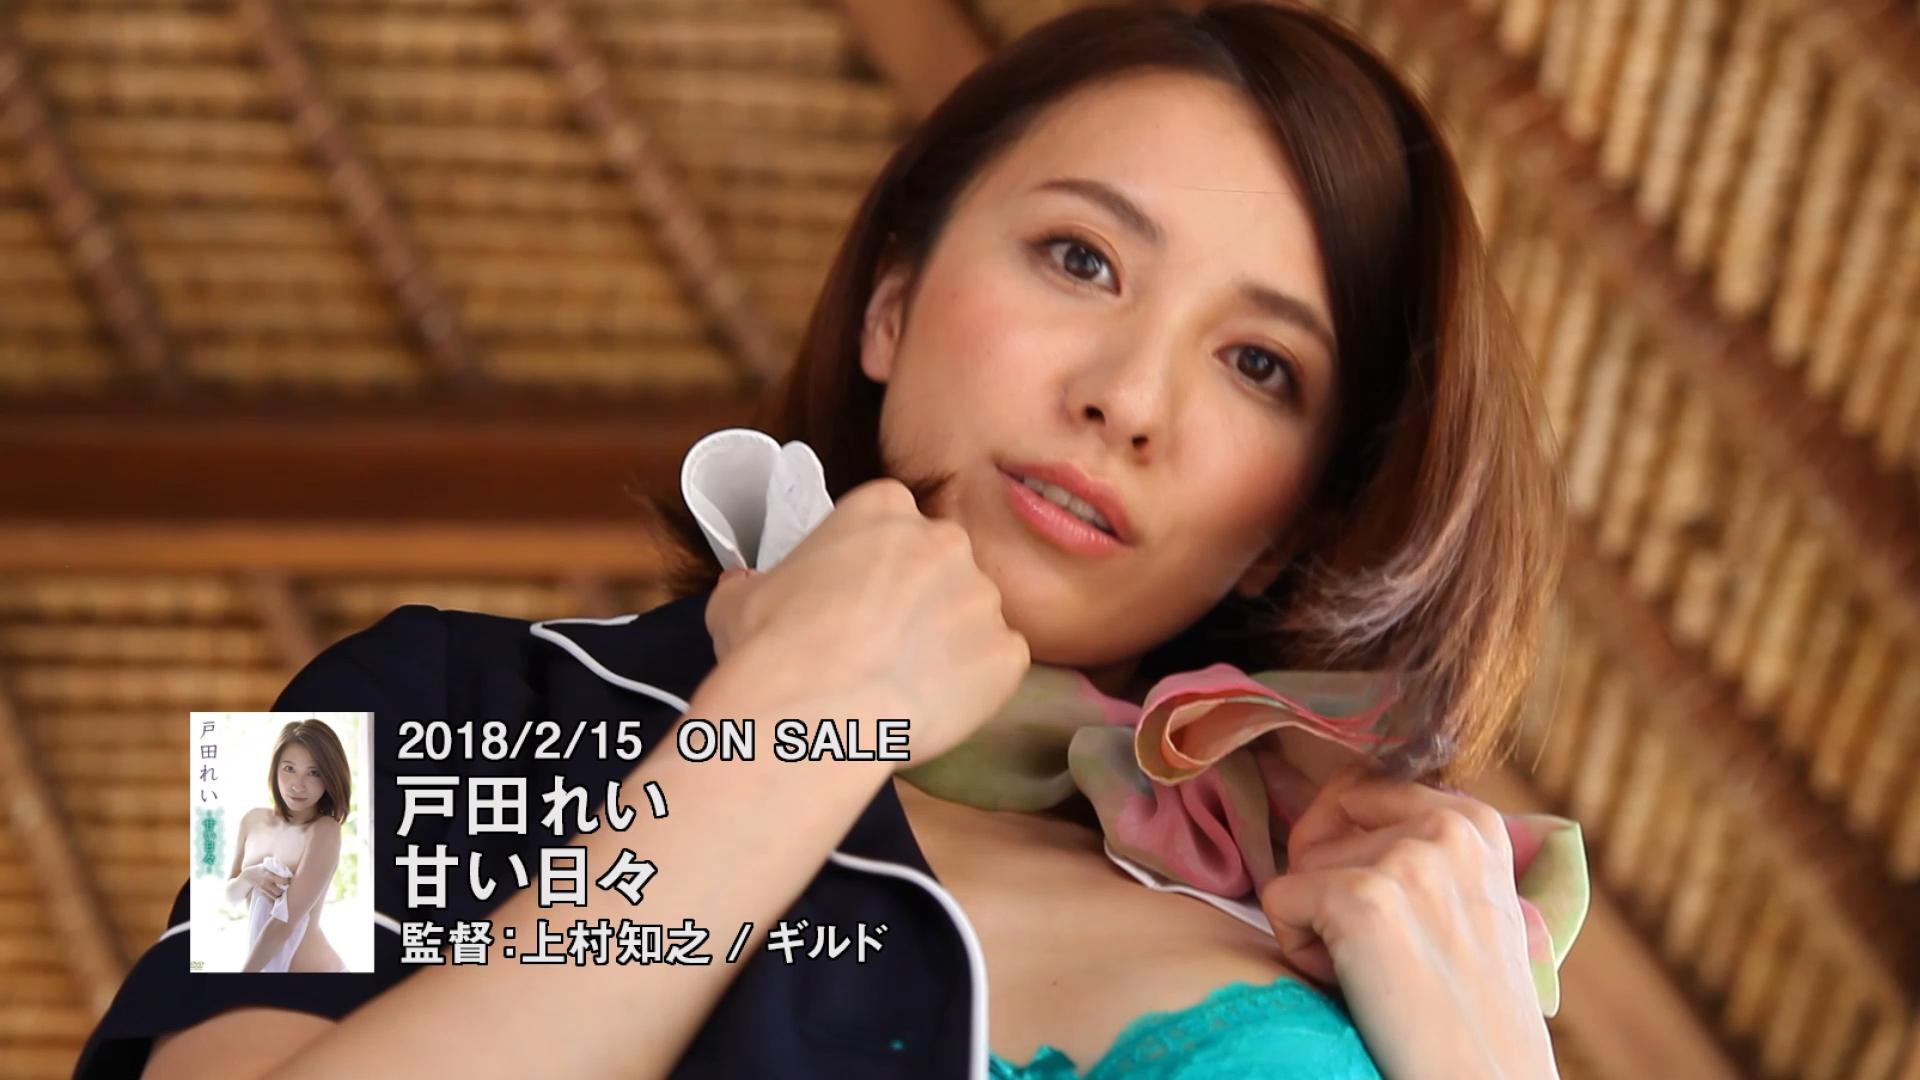 戸田れいのイメージDVDエロ画像013